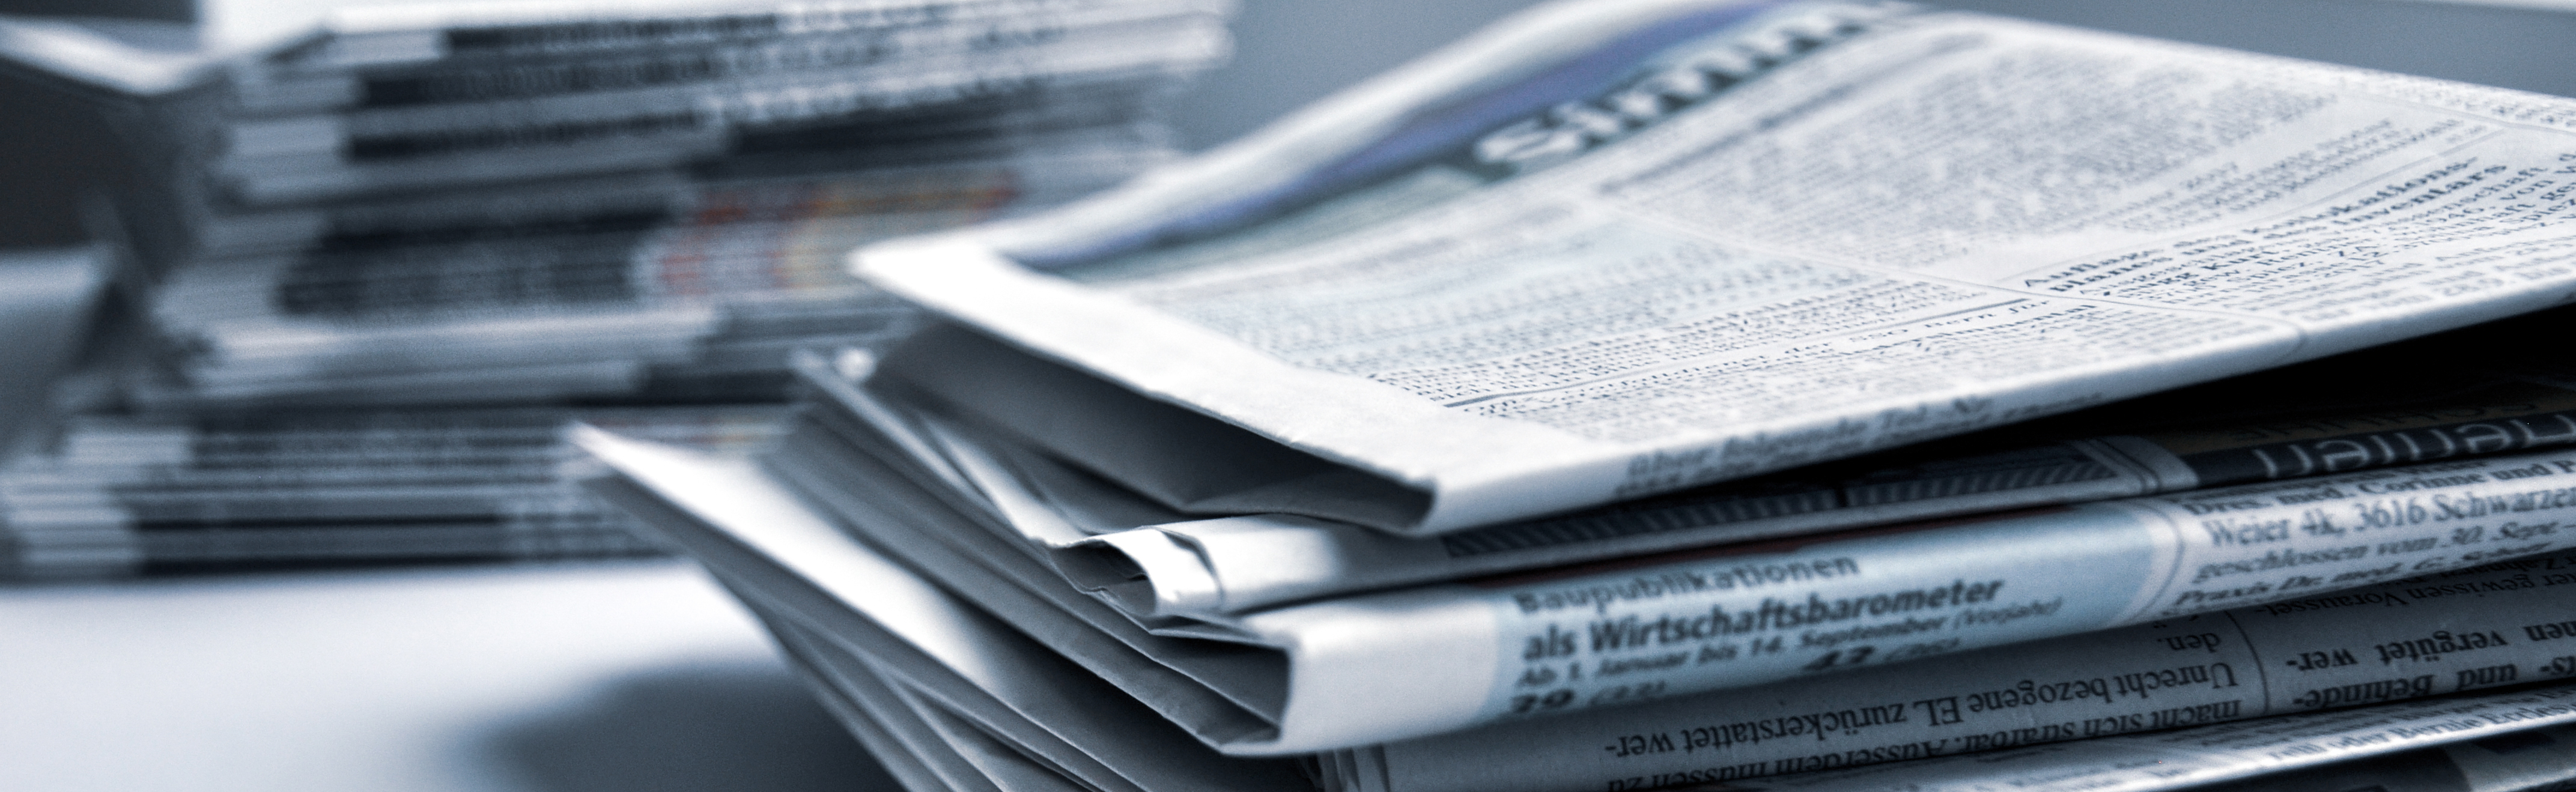 Zeitungsstappel